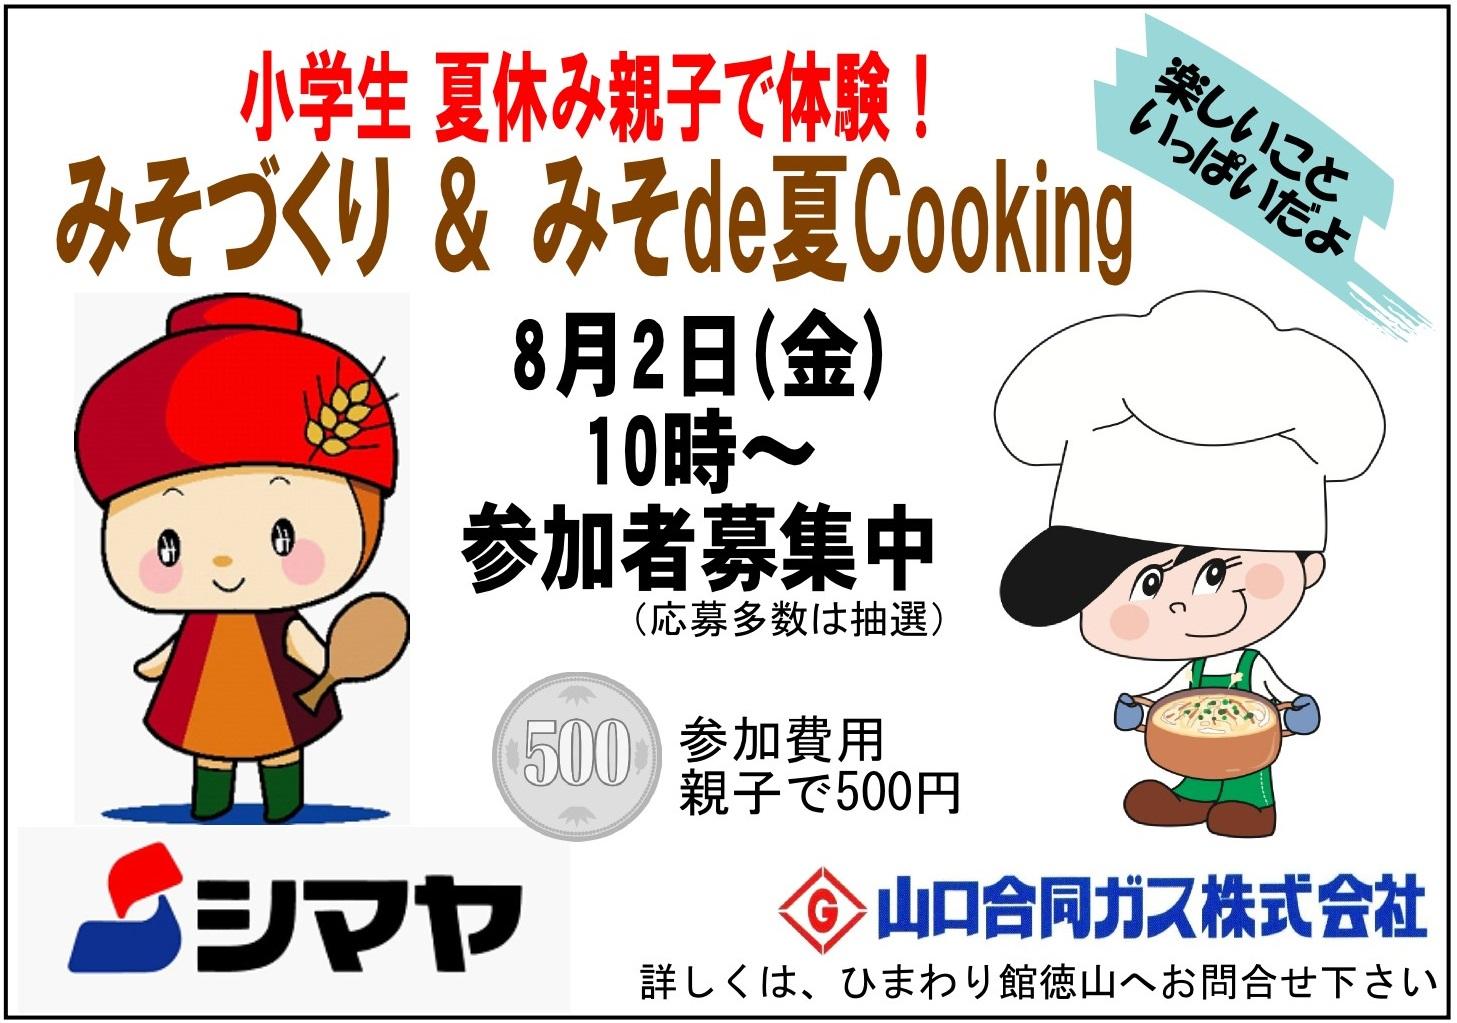 【親子で体験】みそづくり&みそde夏Cooking イメージ